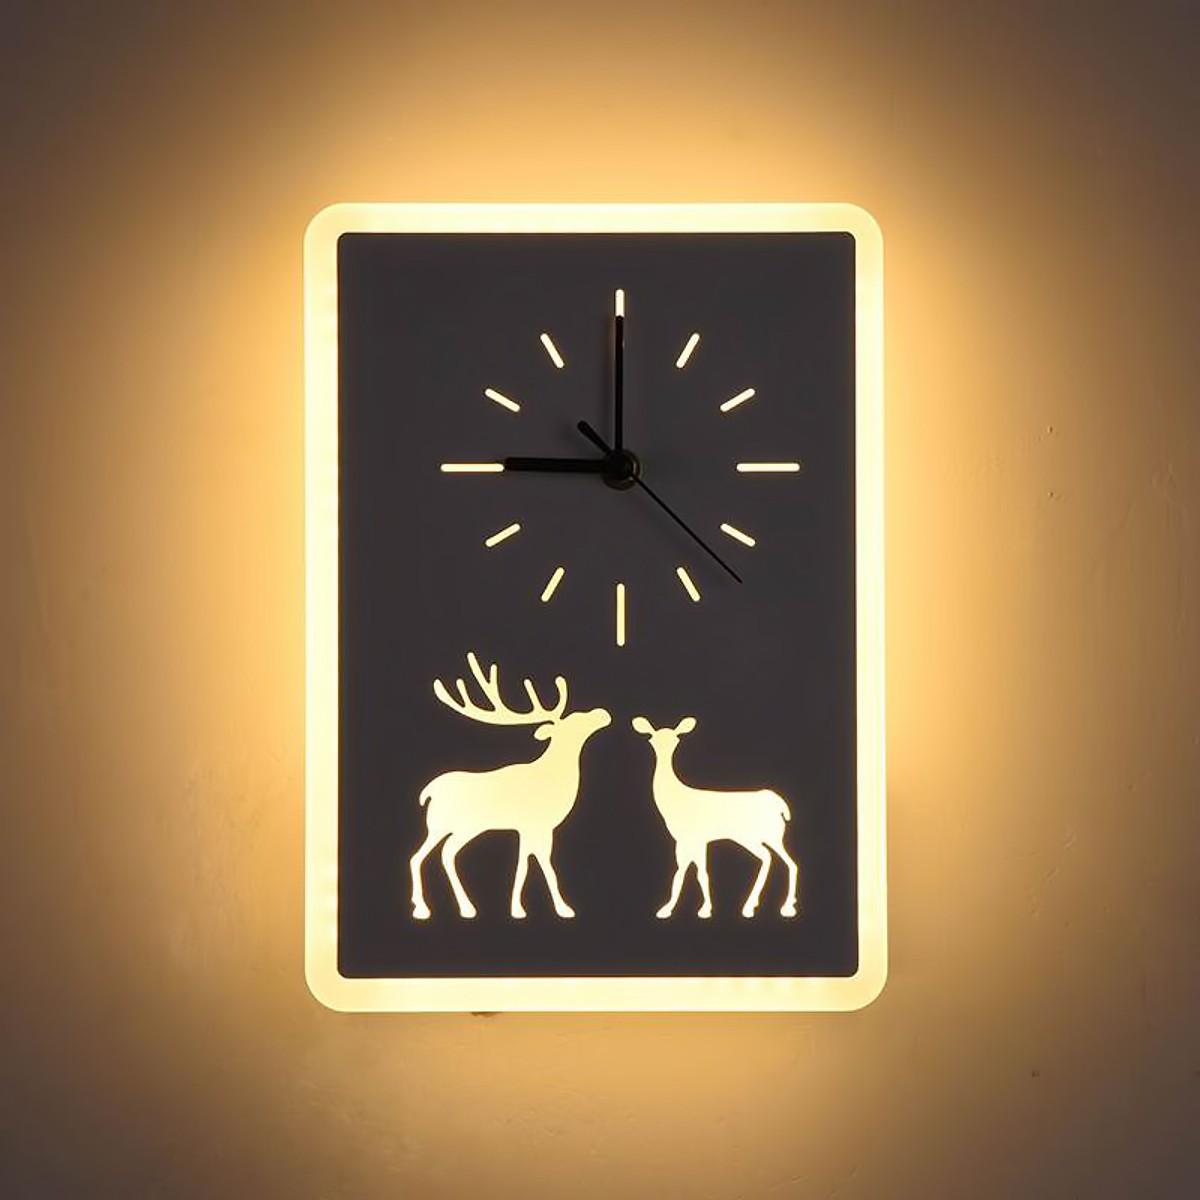 Đèn LED đồng hồ DEER hiện đại tăng thêm sự sang trọng cho không gian